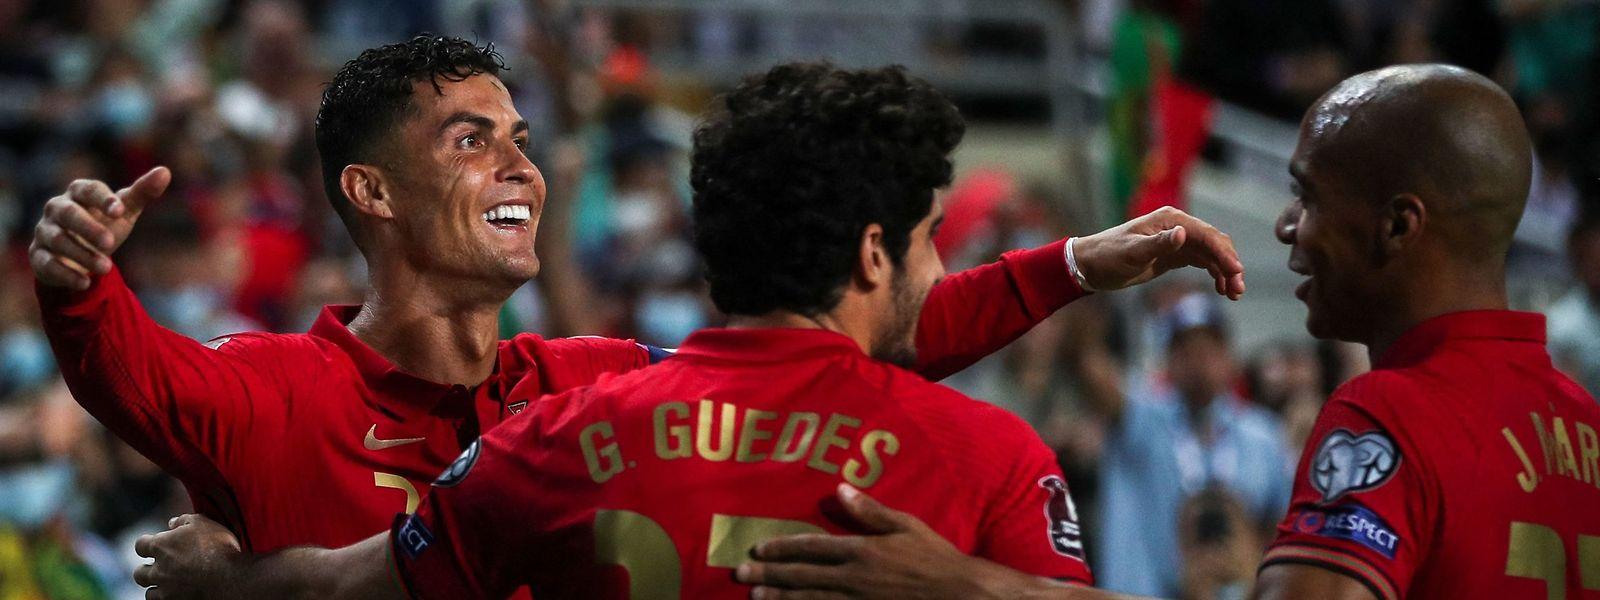 Deux penaltys réussis et un tir au but rentré, Cristiano Ronaldo n'a pas manqué le rendez-vous luxembourgeois.